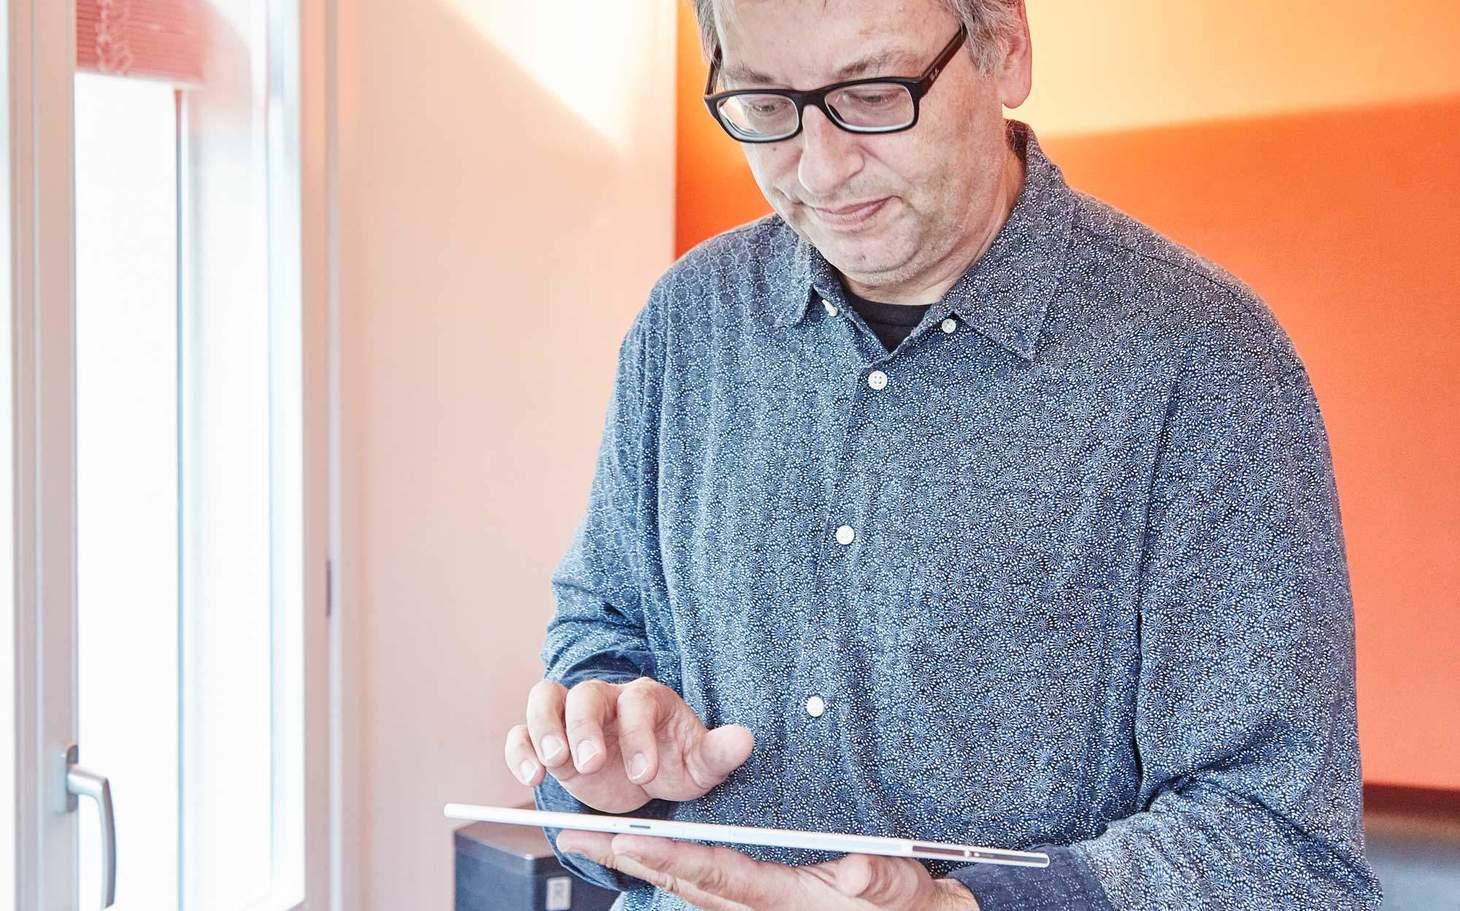 Herr Batzli mit Tablet in der Hand